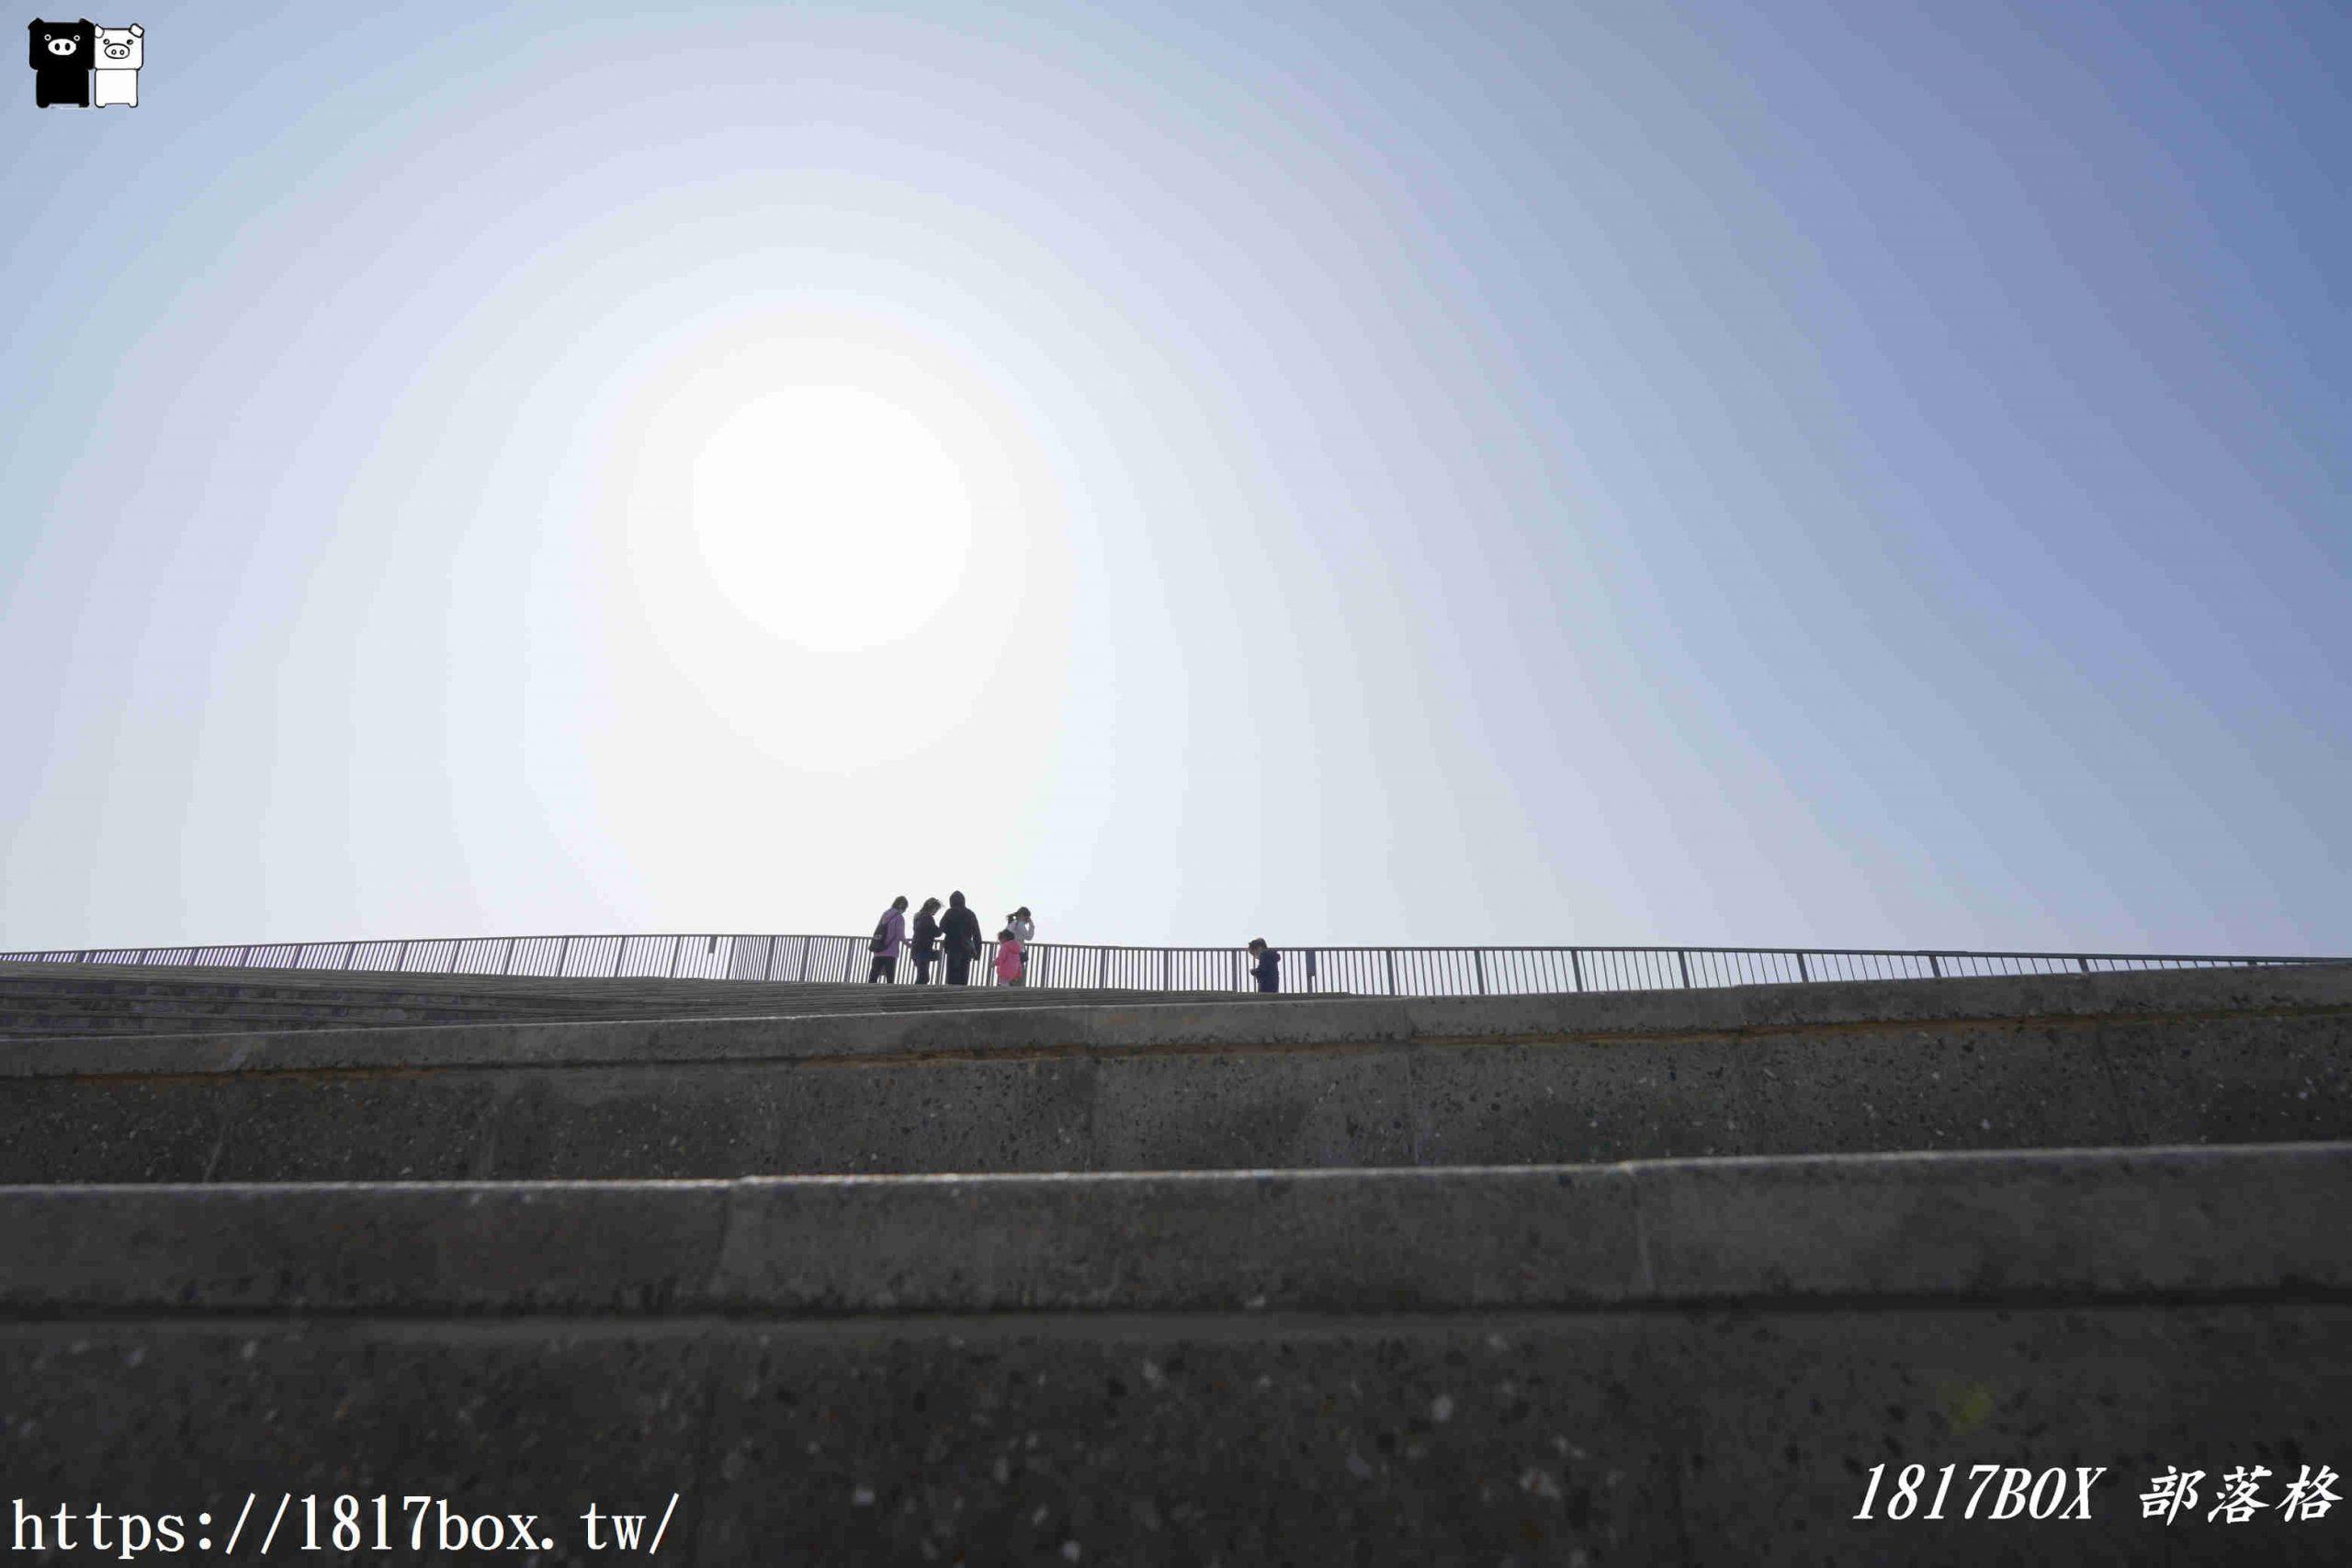 【台南。七股】七股遊客中心。特色建築地景。網美必拍打卡聖地 @1817BOX部落格